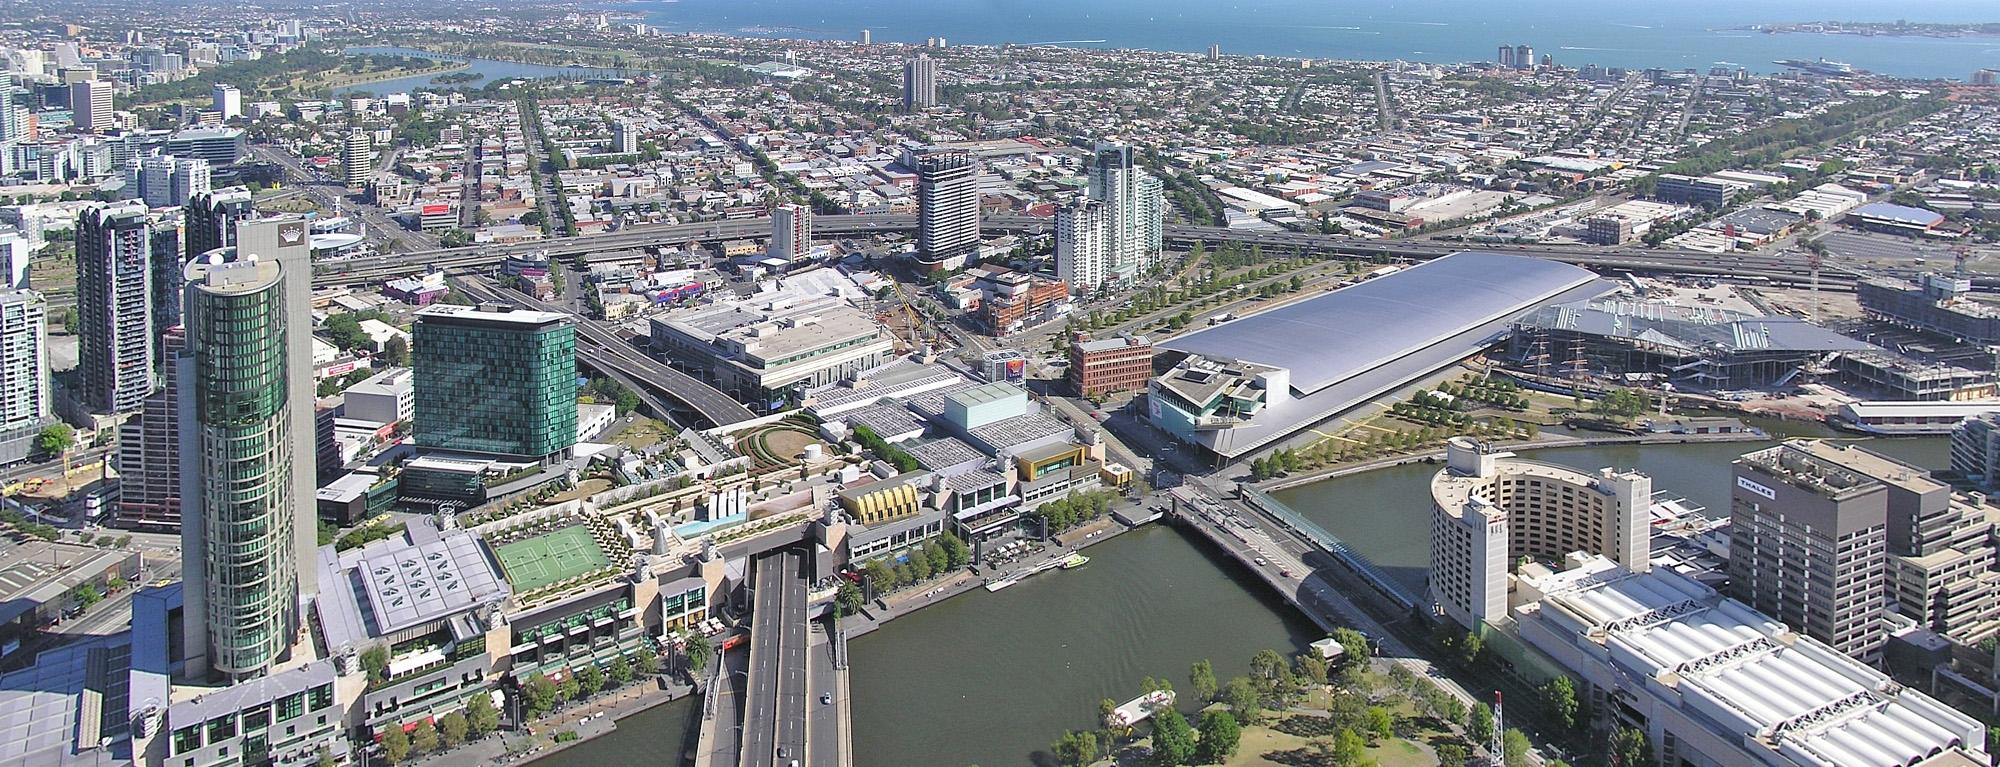 Crown Casino Complex Amp Melbourne Exhibition Building